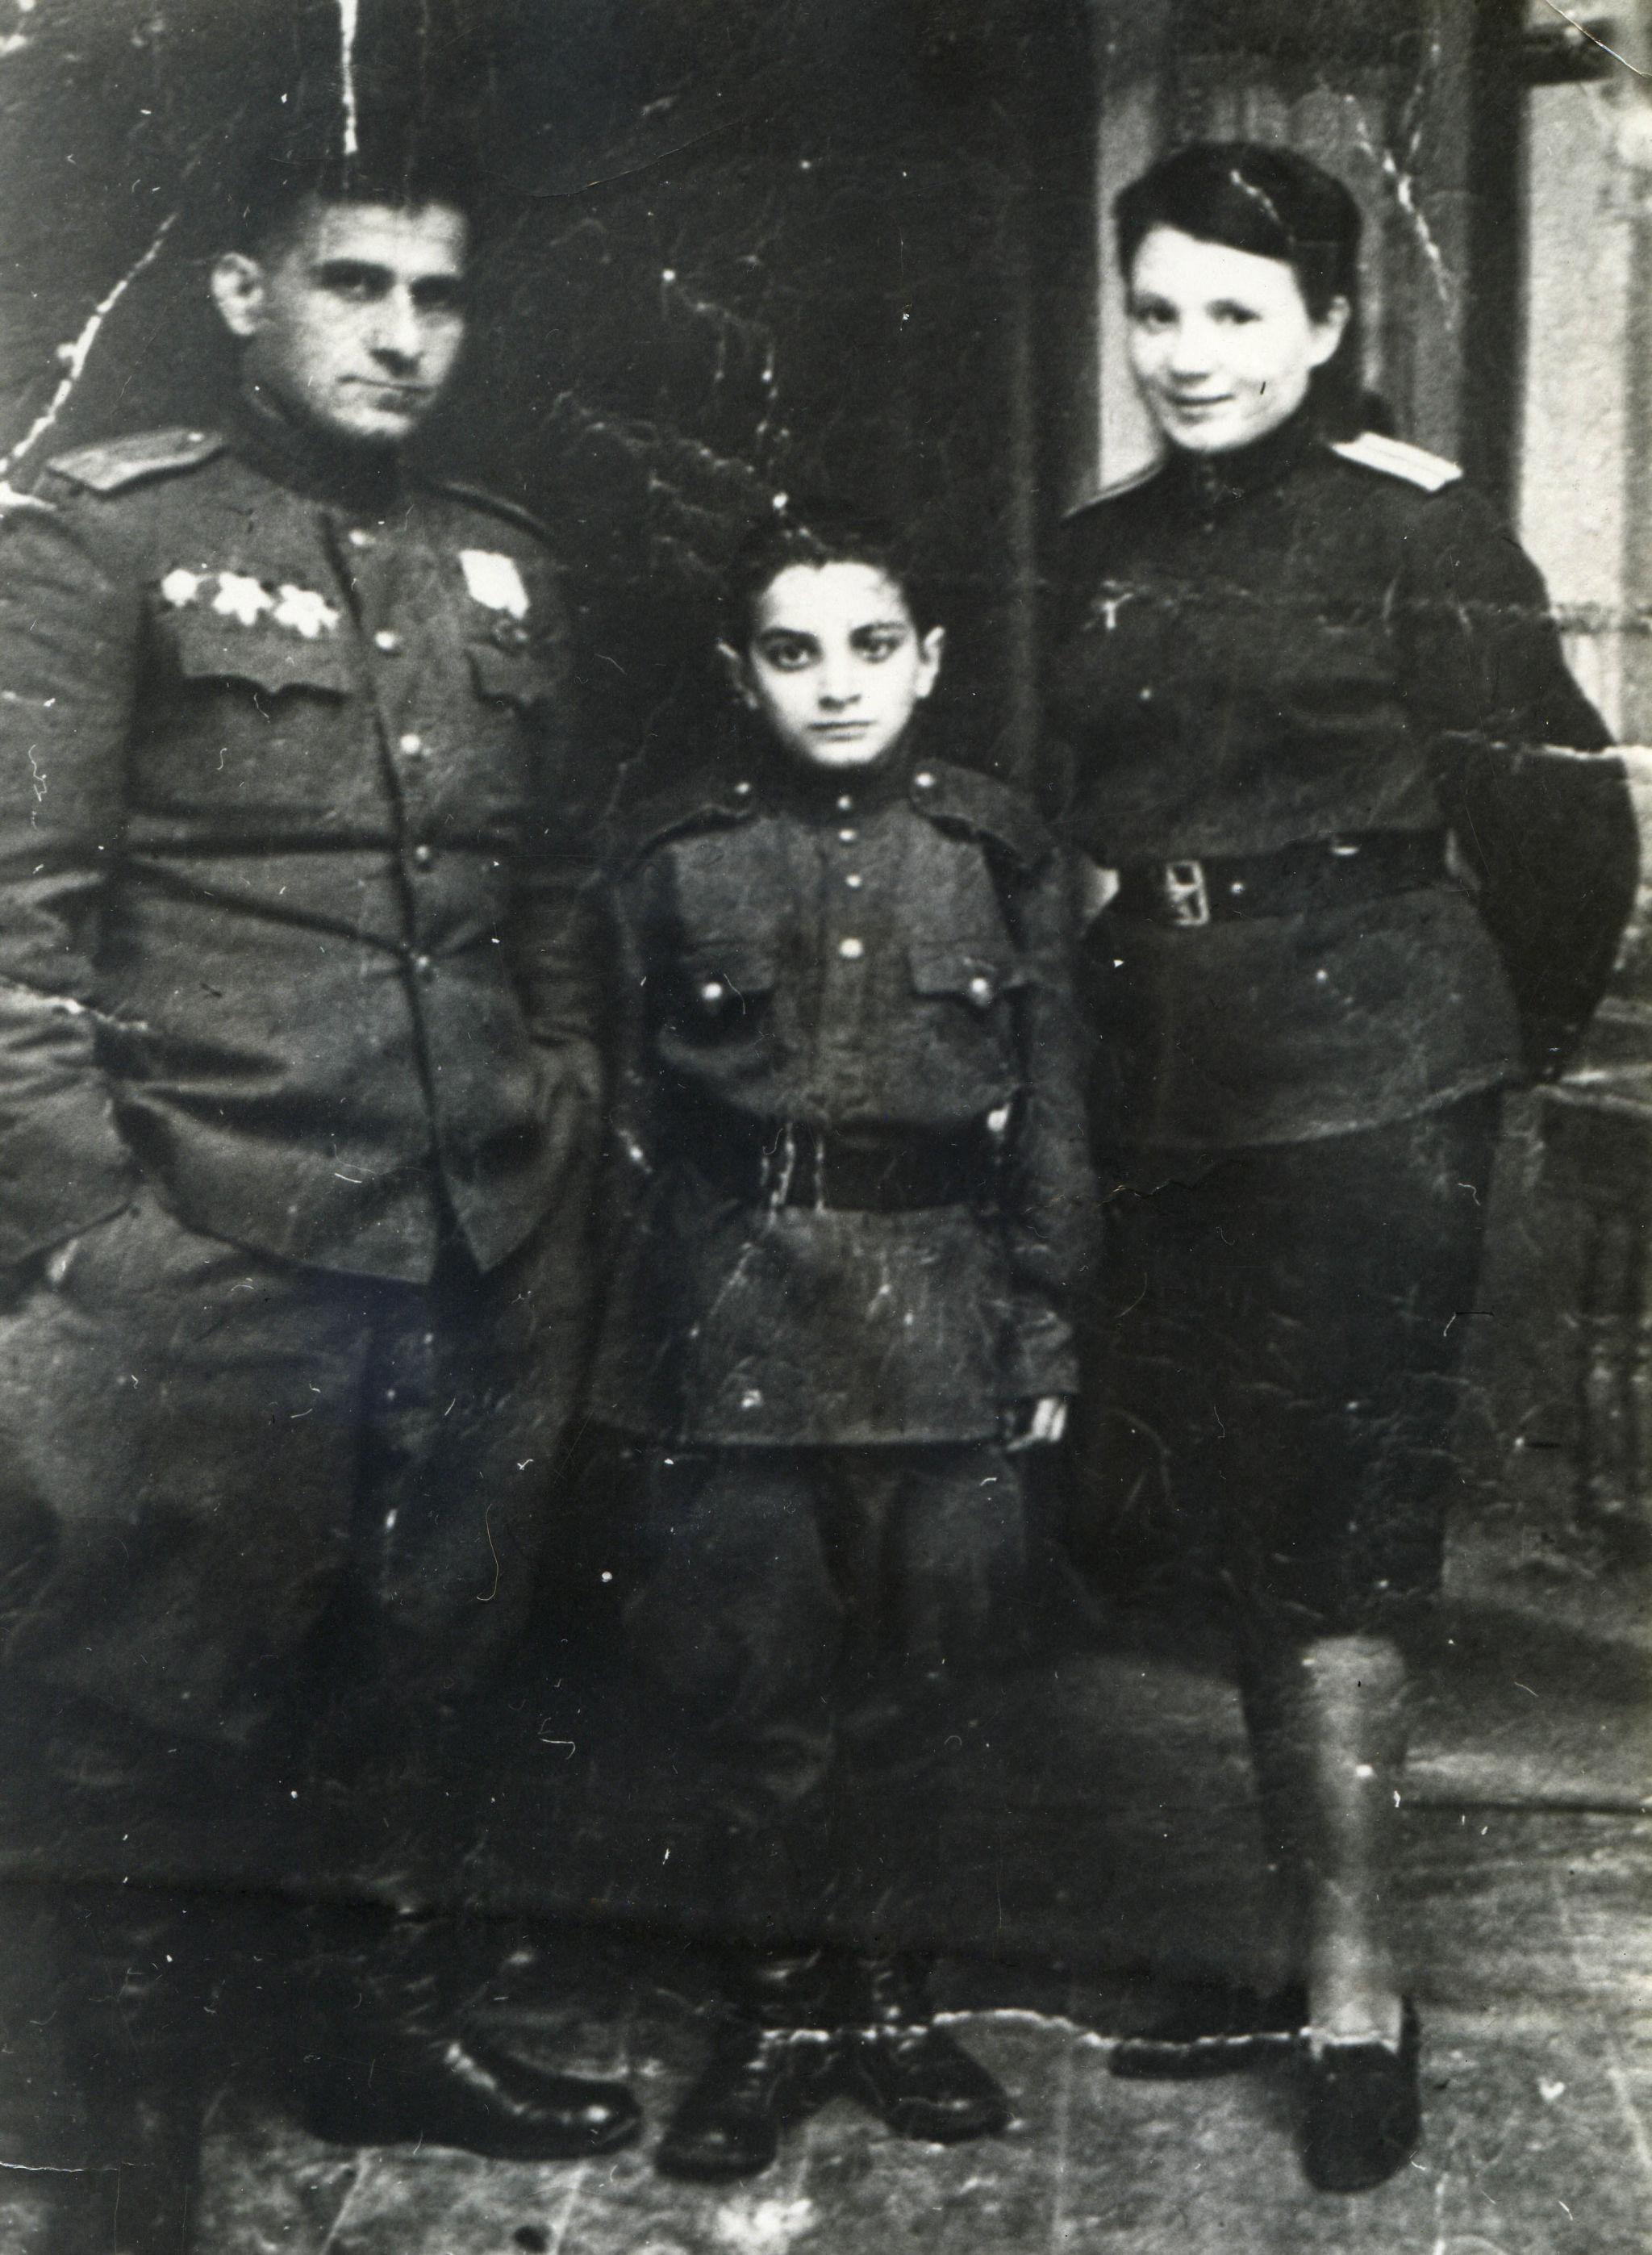 Ветеран ВОВ Марлен Топчиян, который в 9 лет ушел в фронт (в центре)